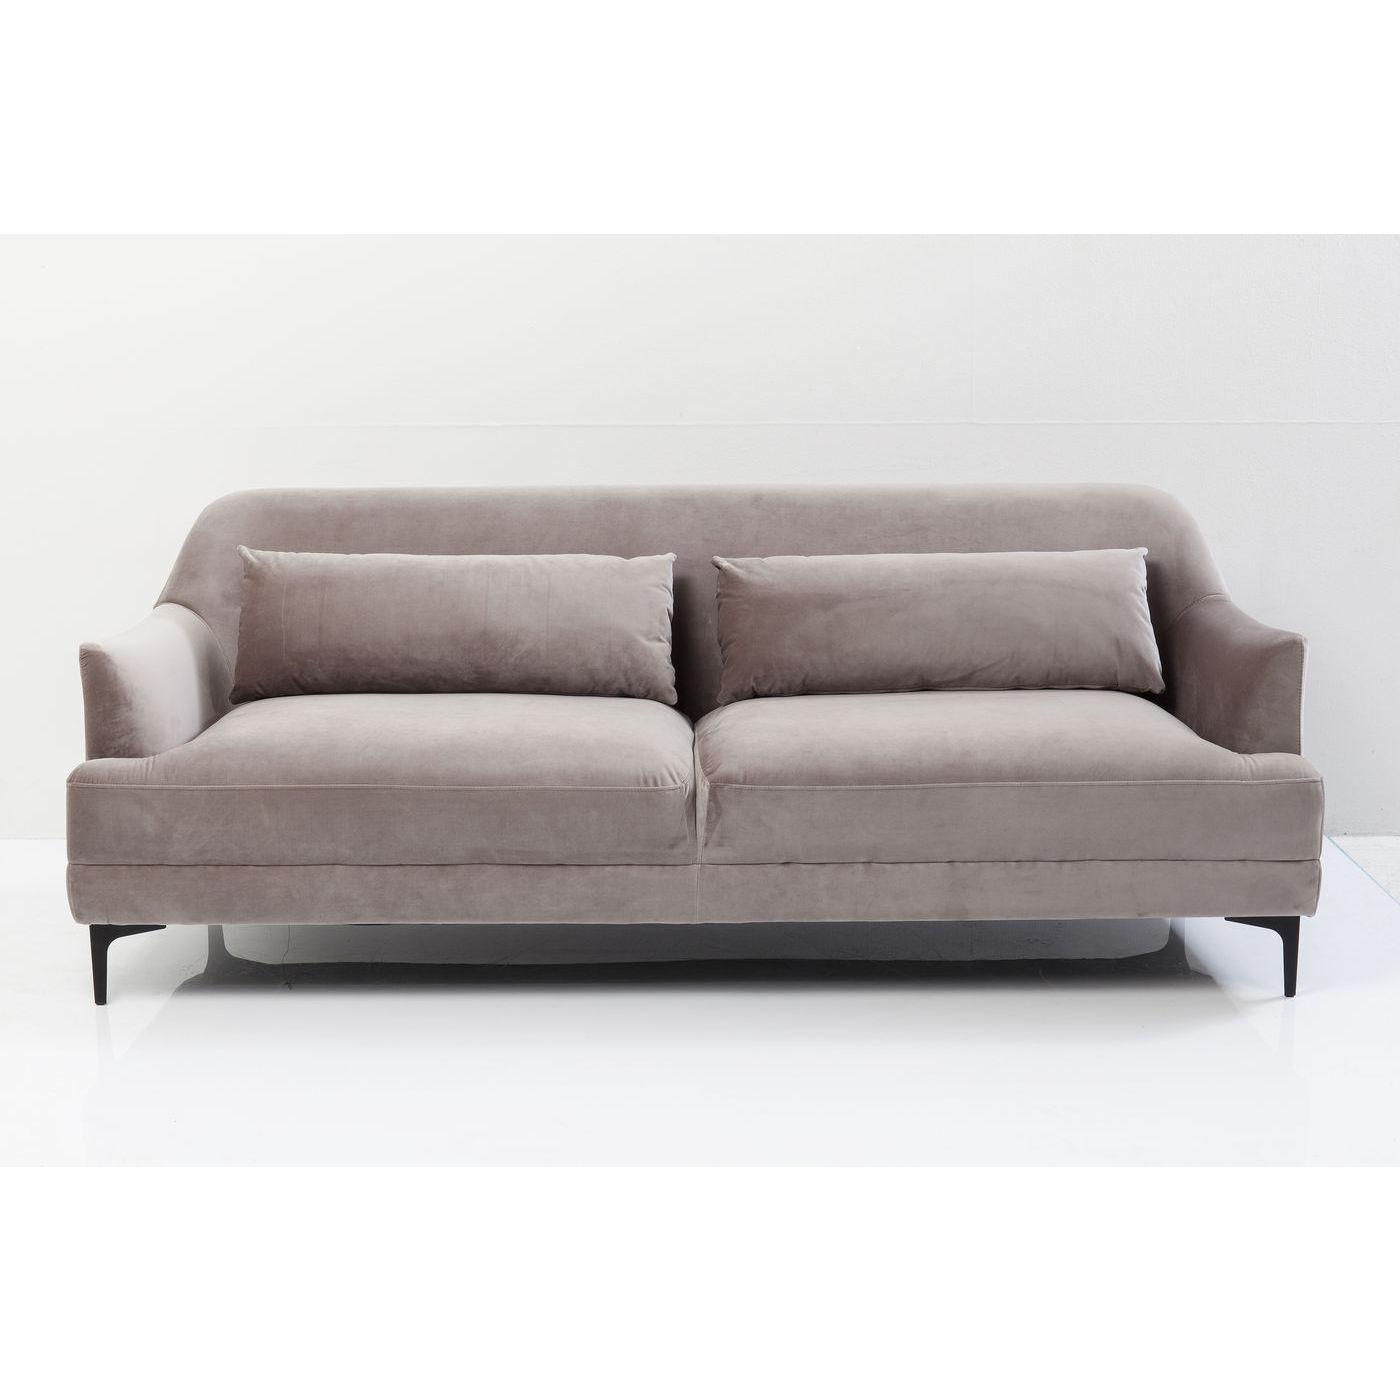 kare design – Kare design proud grey 3-personers sofa - gråt stof/stål fra boboonline.dk